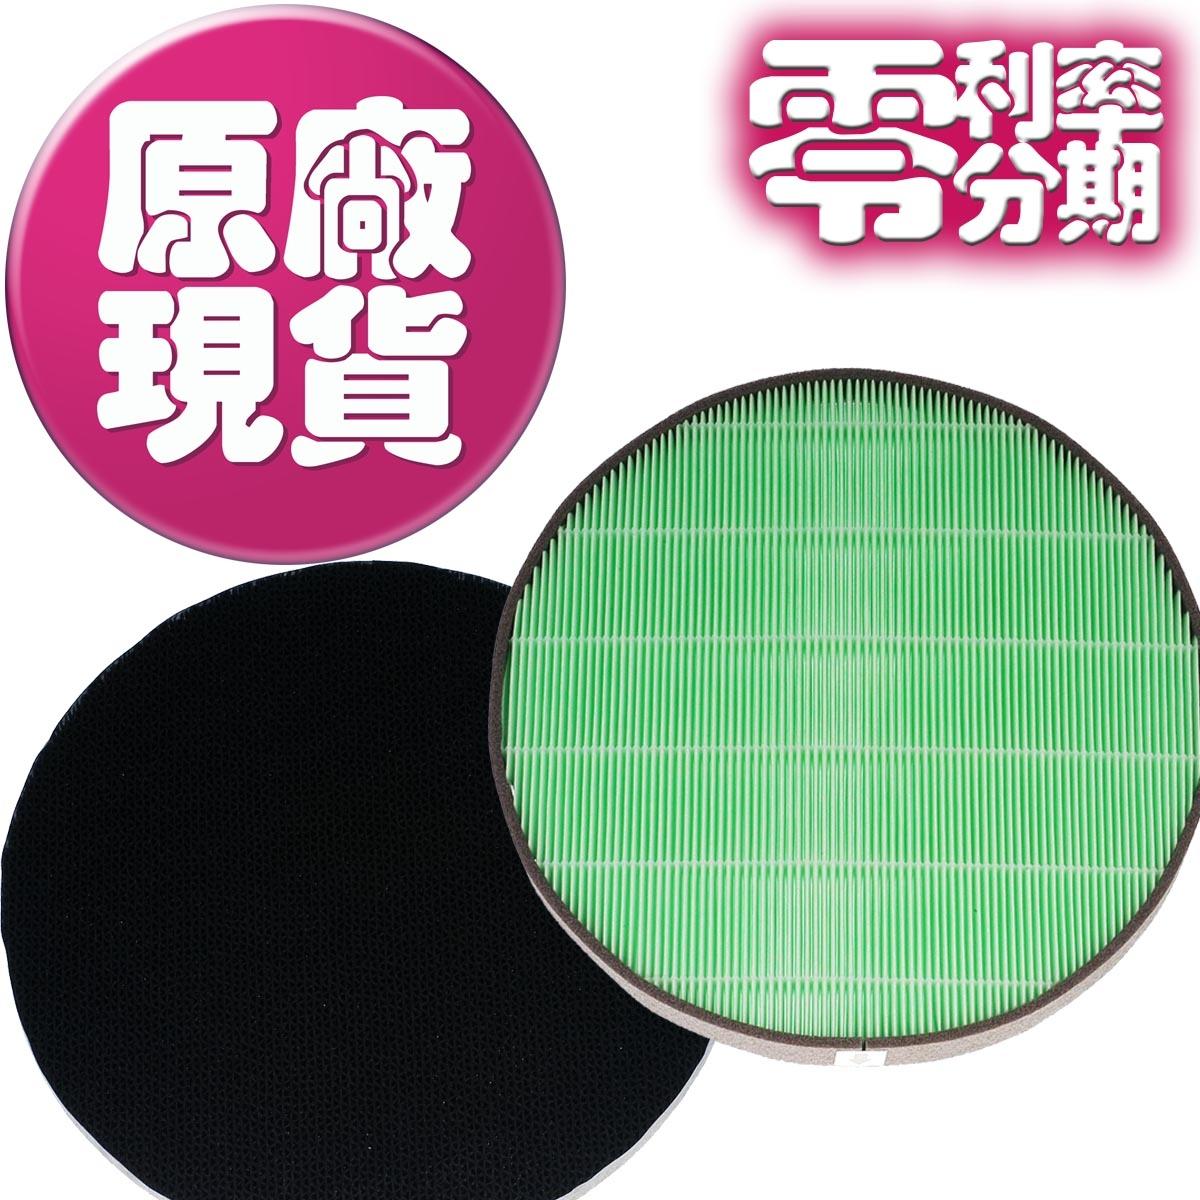 【LG耗材】大龍捲蝸牛 空氣清淨機 濾網組合包 24期零利率